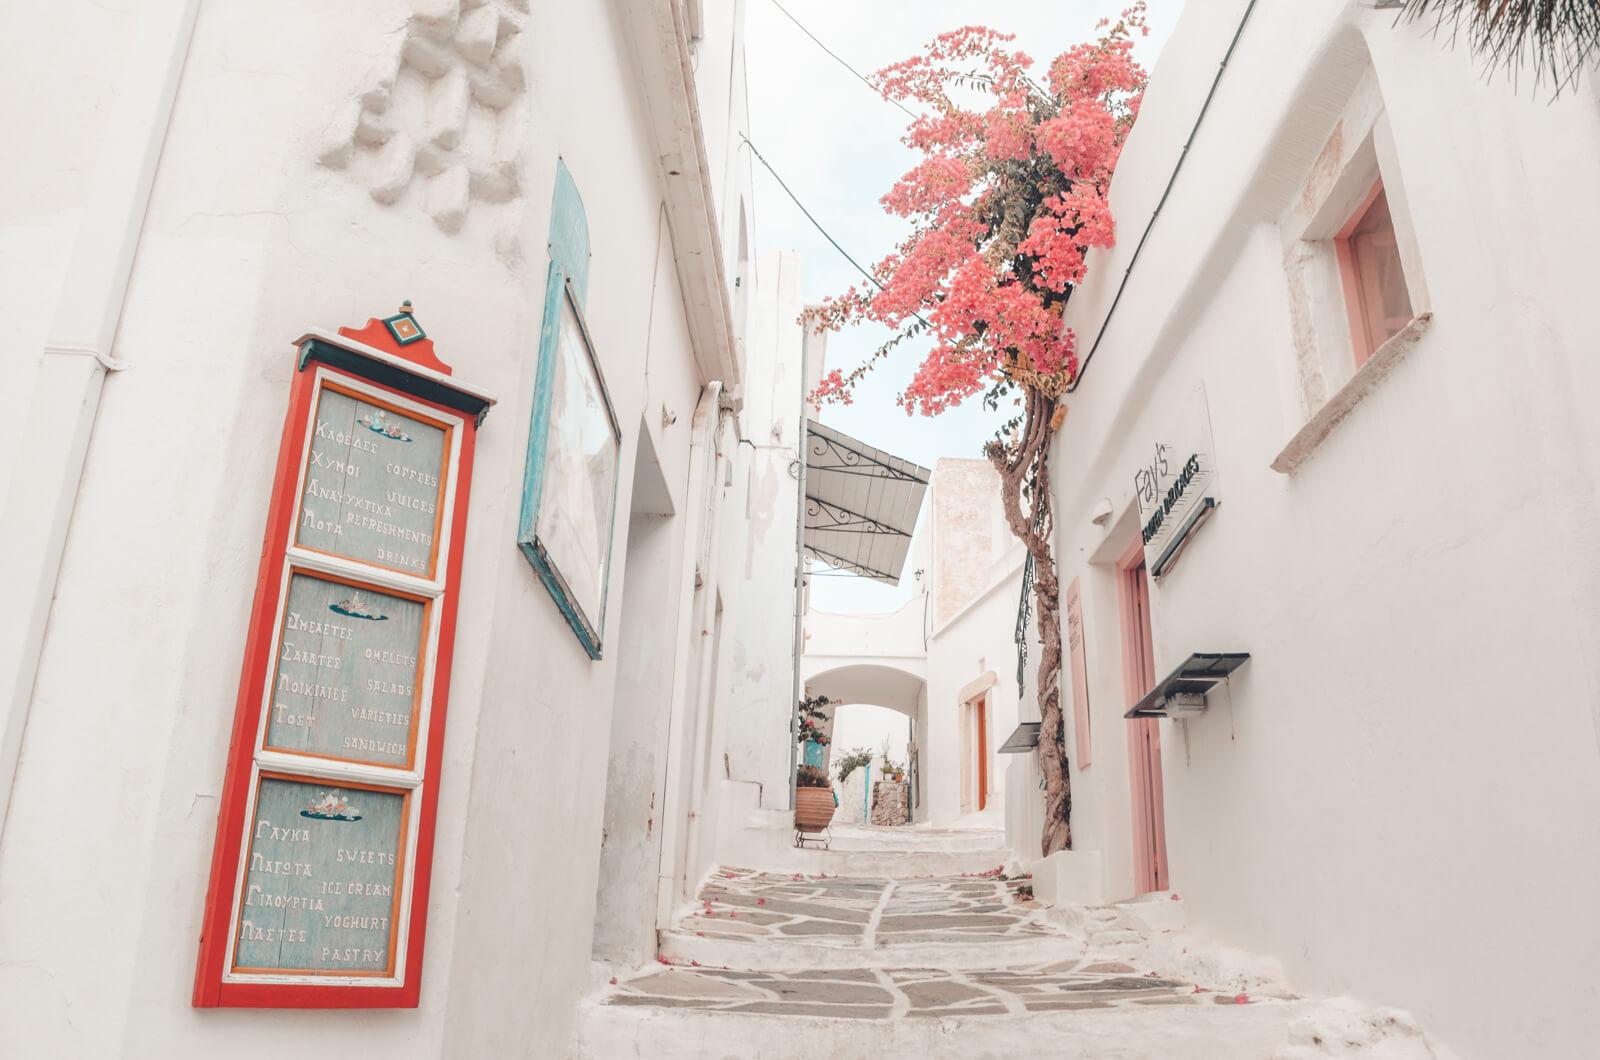 paros-cyclades-greece-la-vie-en-blog-all-rights-reserved-148